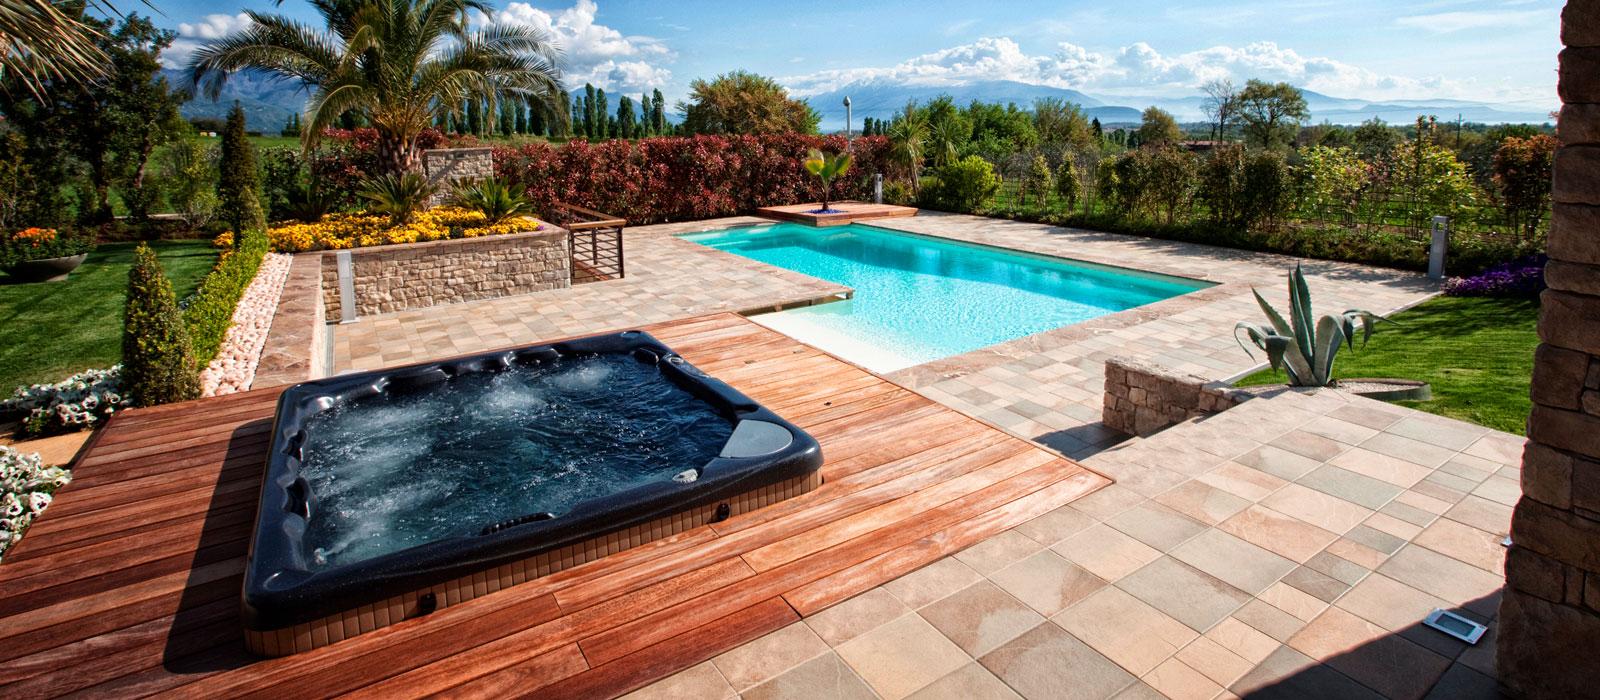 piscine-idromassaggio-per-esterni